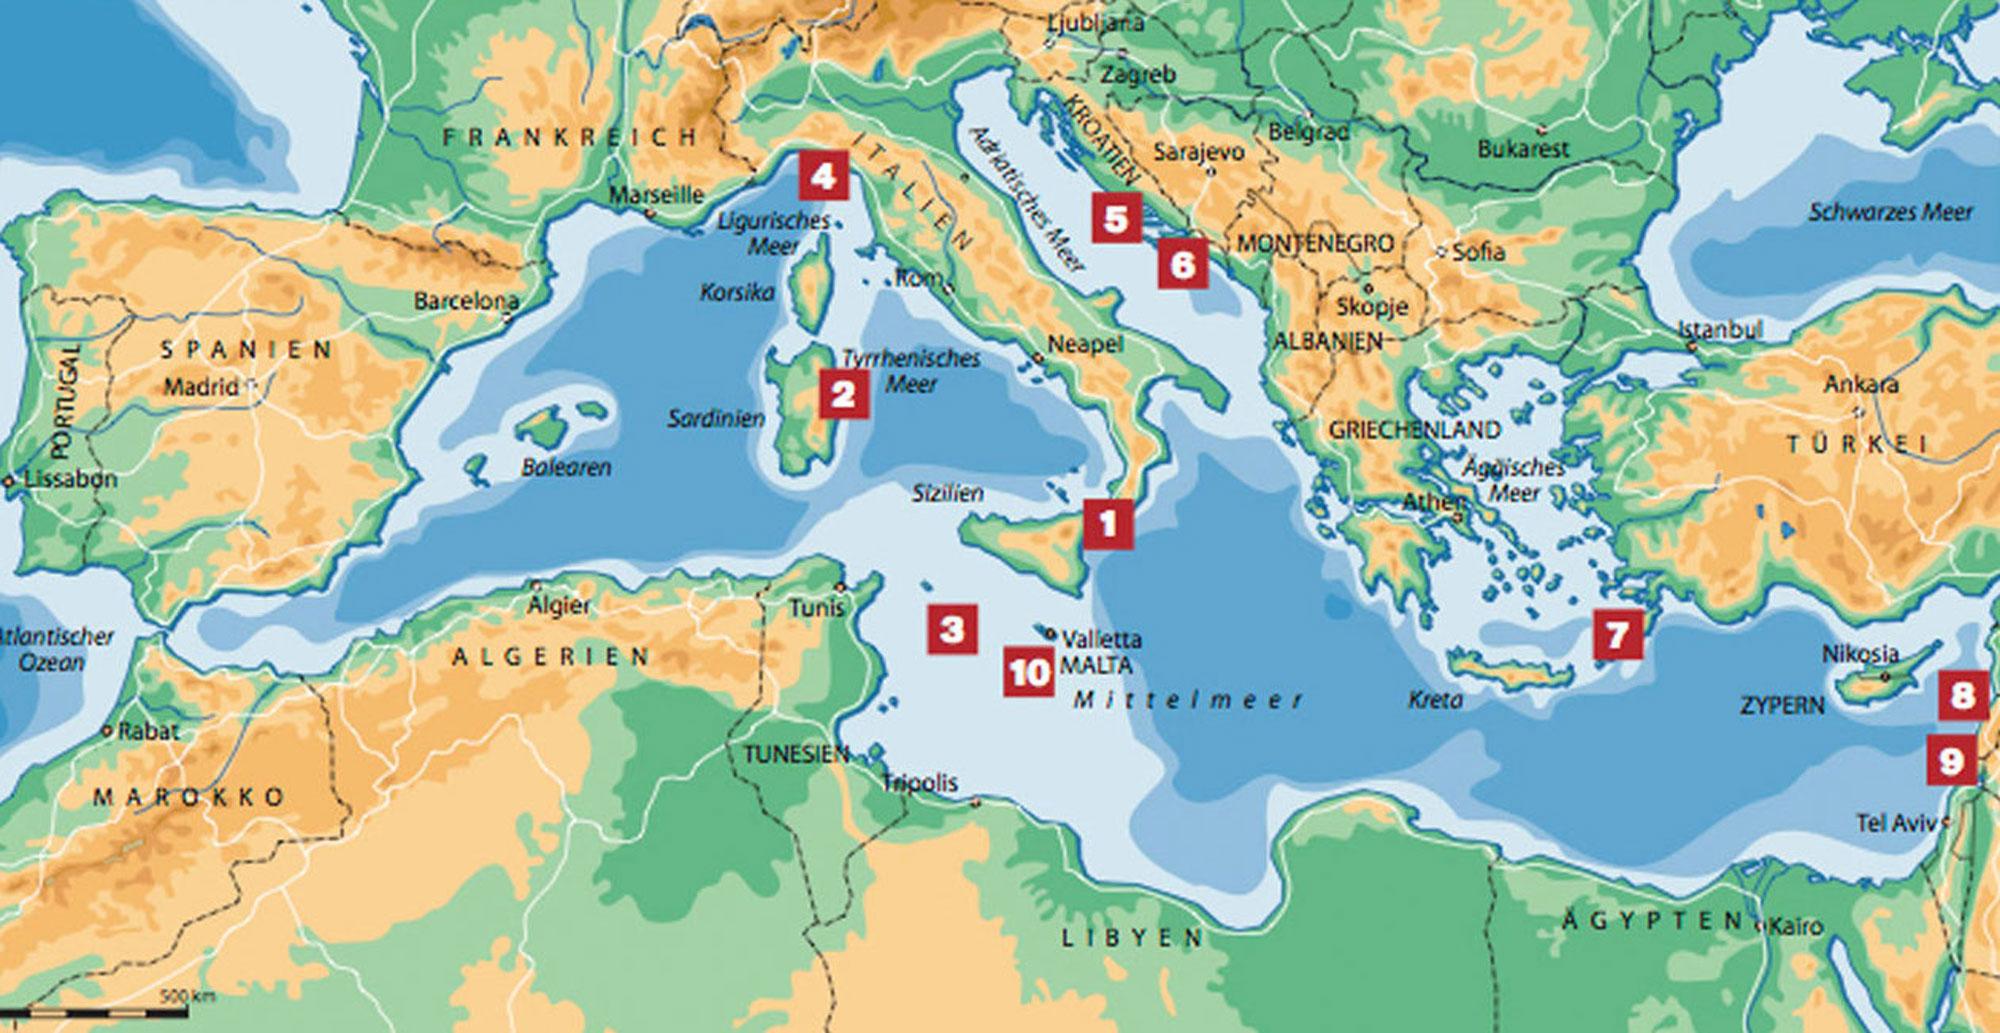 Der Grosse Weisse Mythos Im Mittelmeer Tauchen